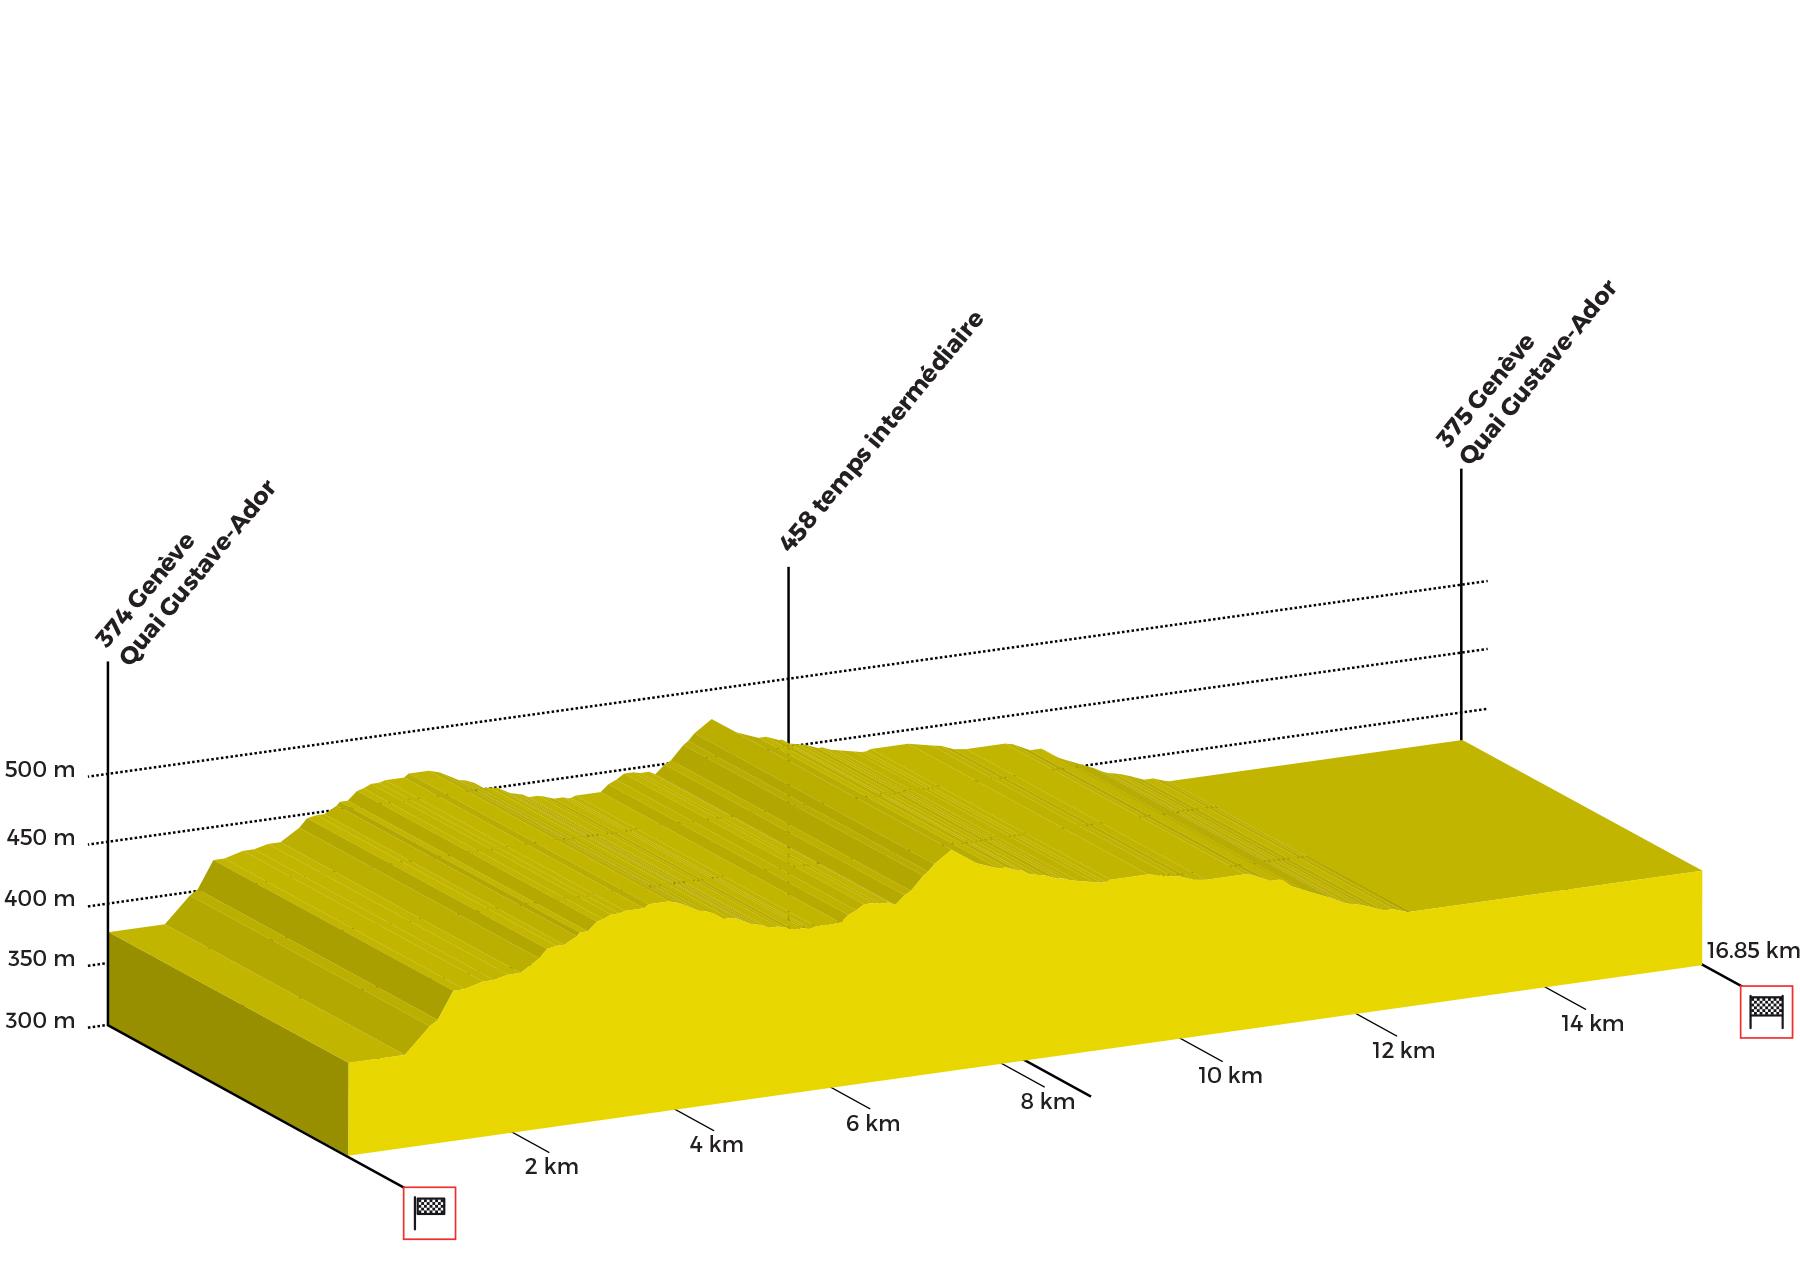 Tour de Romandie - Page 4 Profil-6